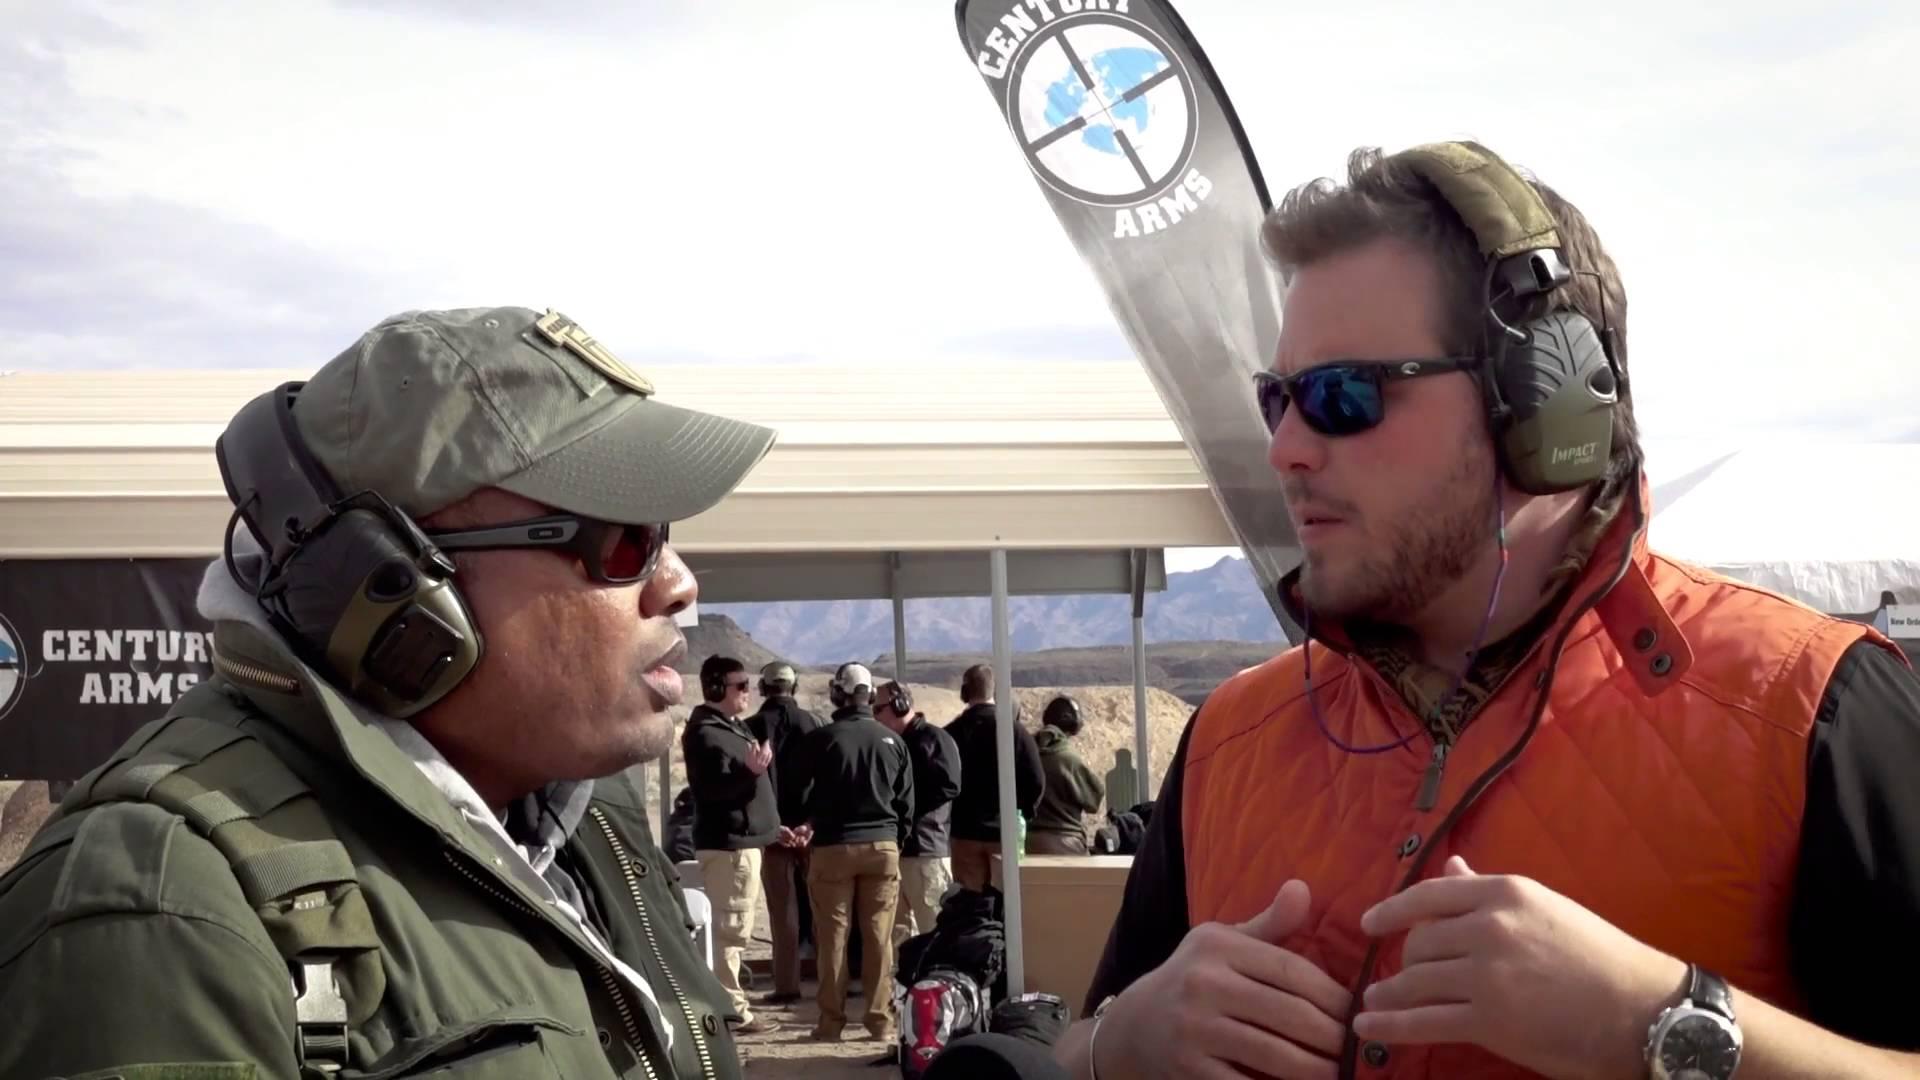 Century Arms SBR AK's SHOT Show 2016 Media Day GunsAmerica